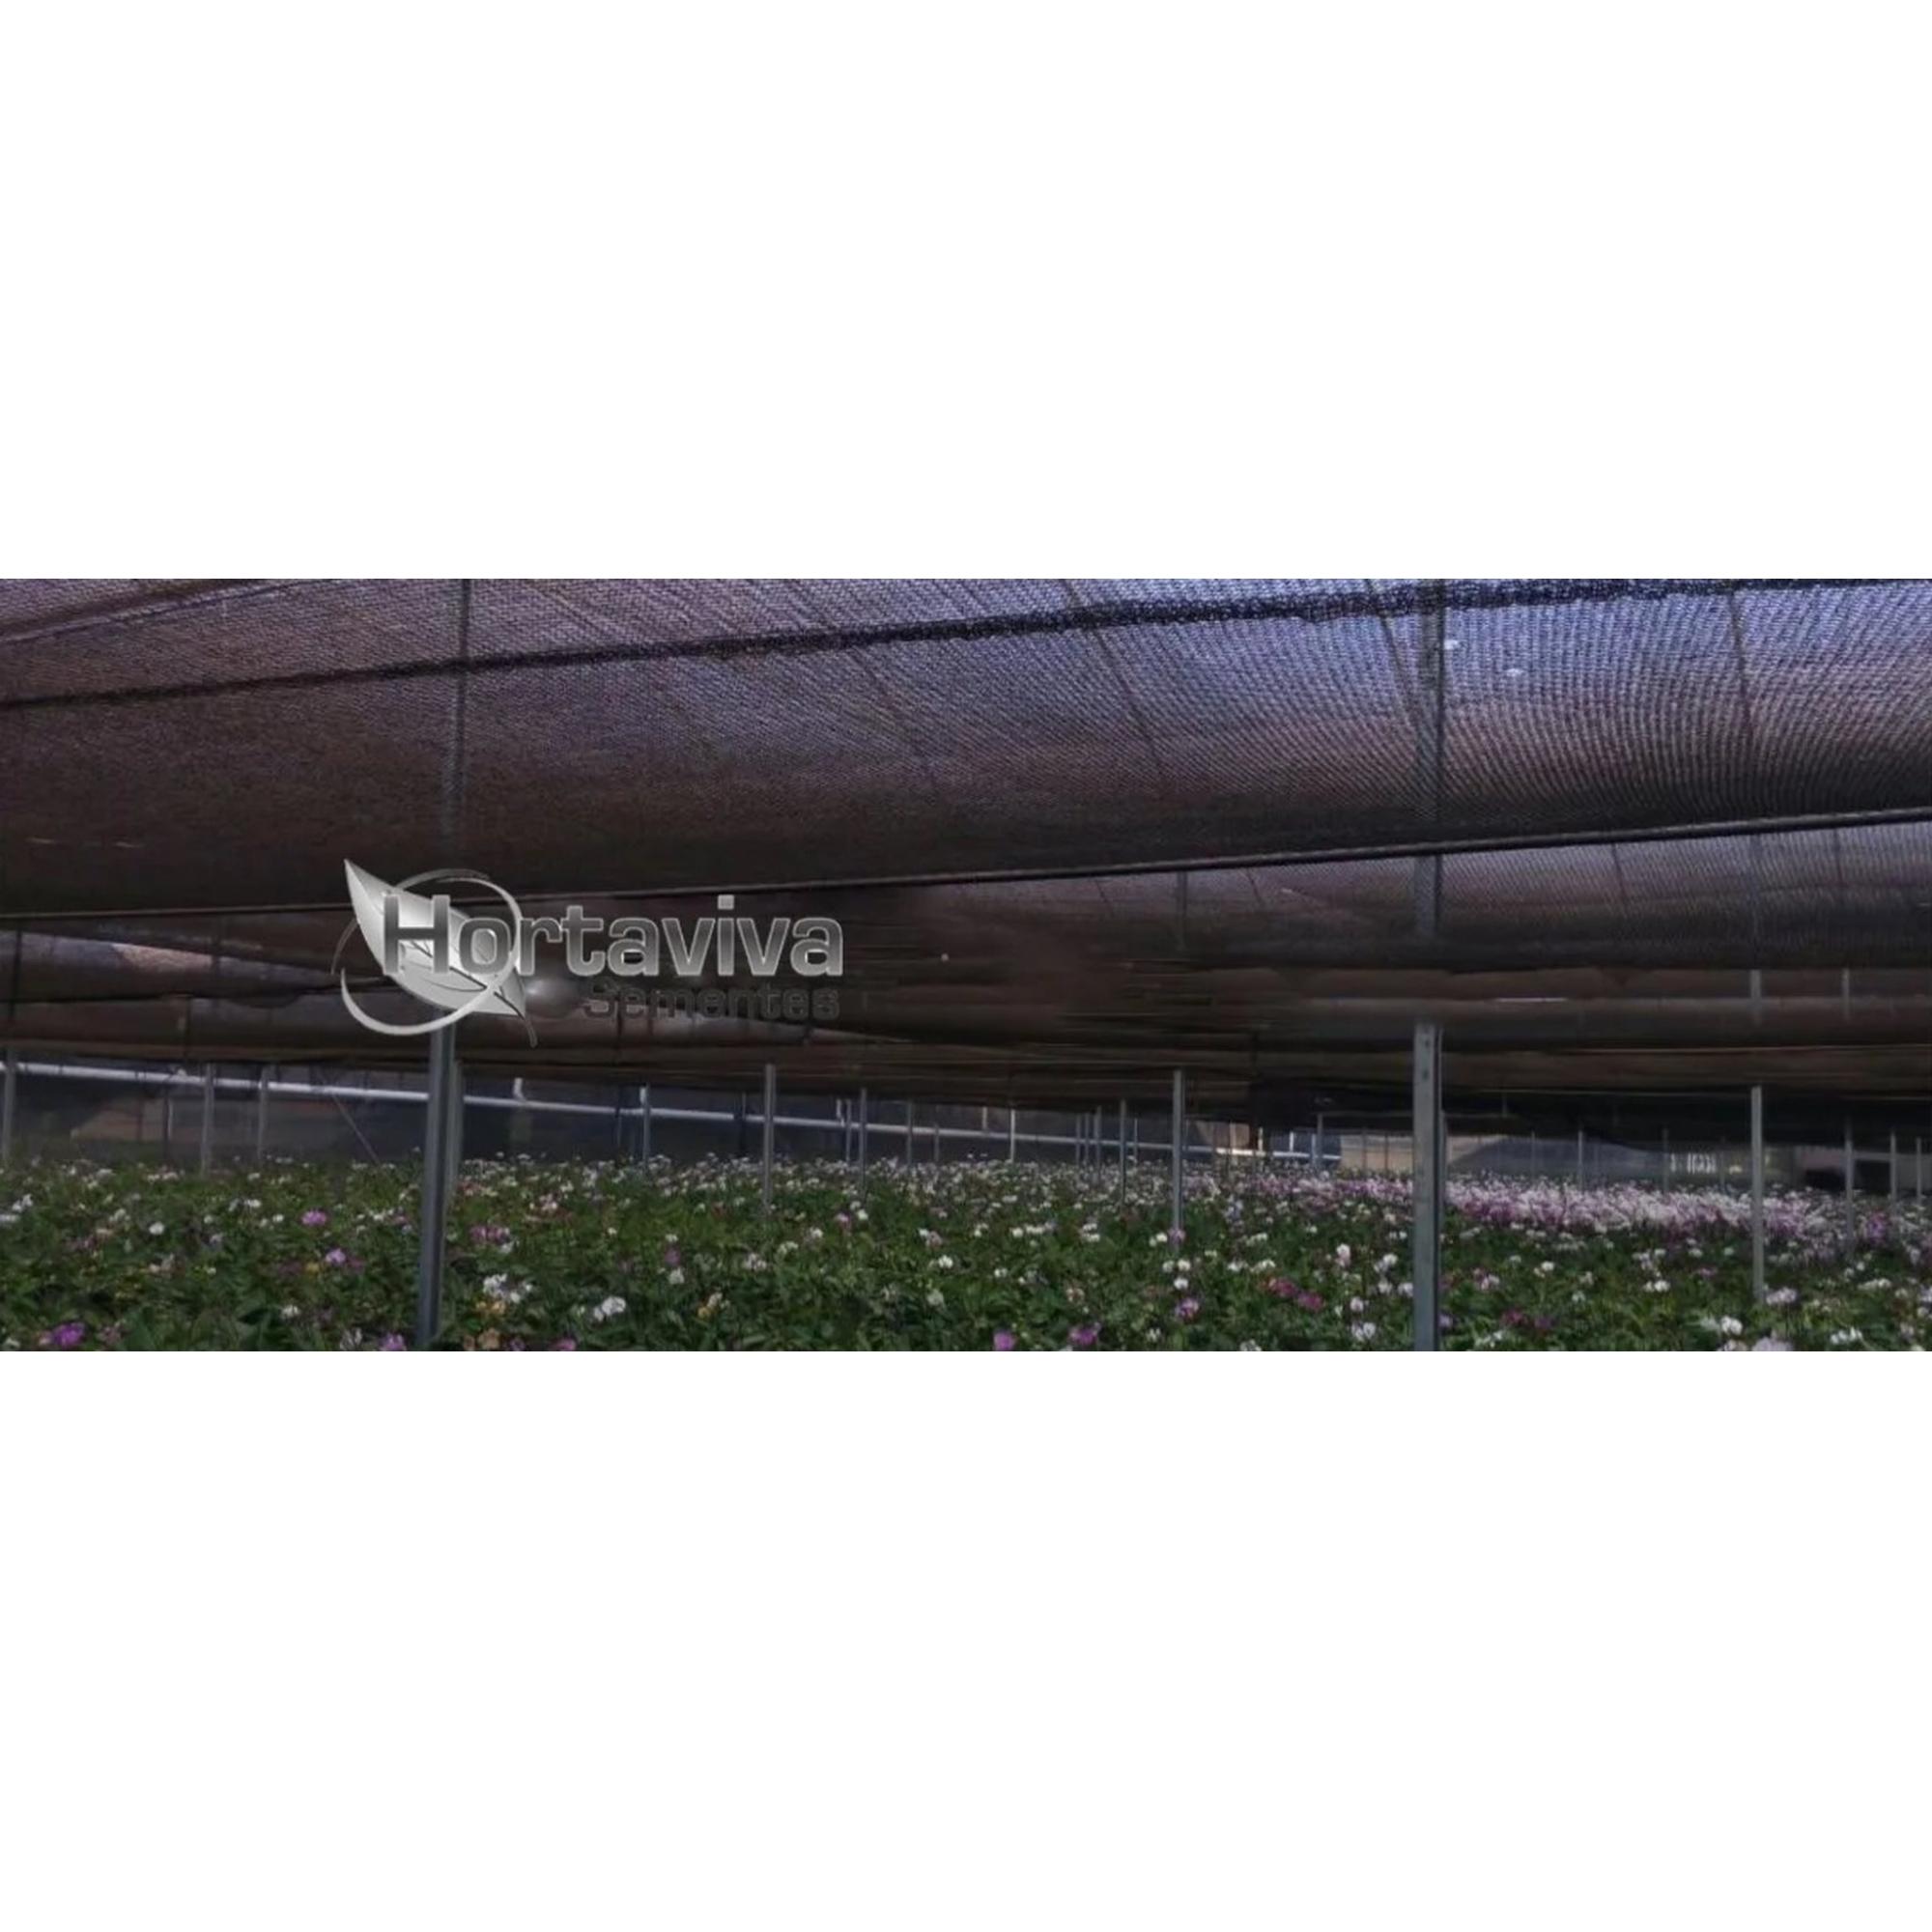 Tela de Sombreamento Preta 50% - 4 Metros x 35 Metros